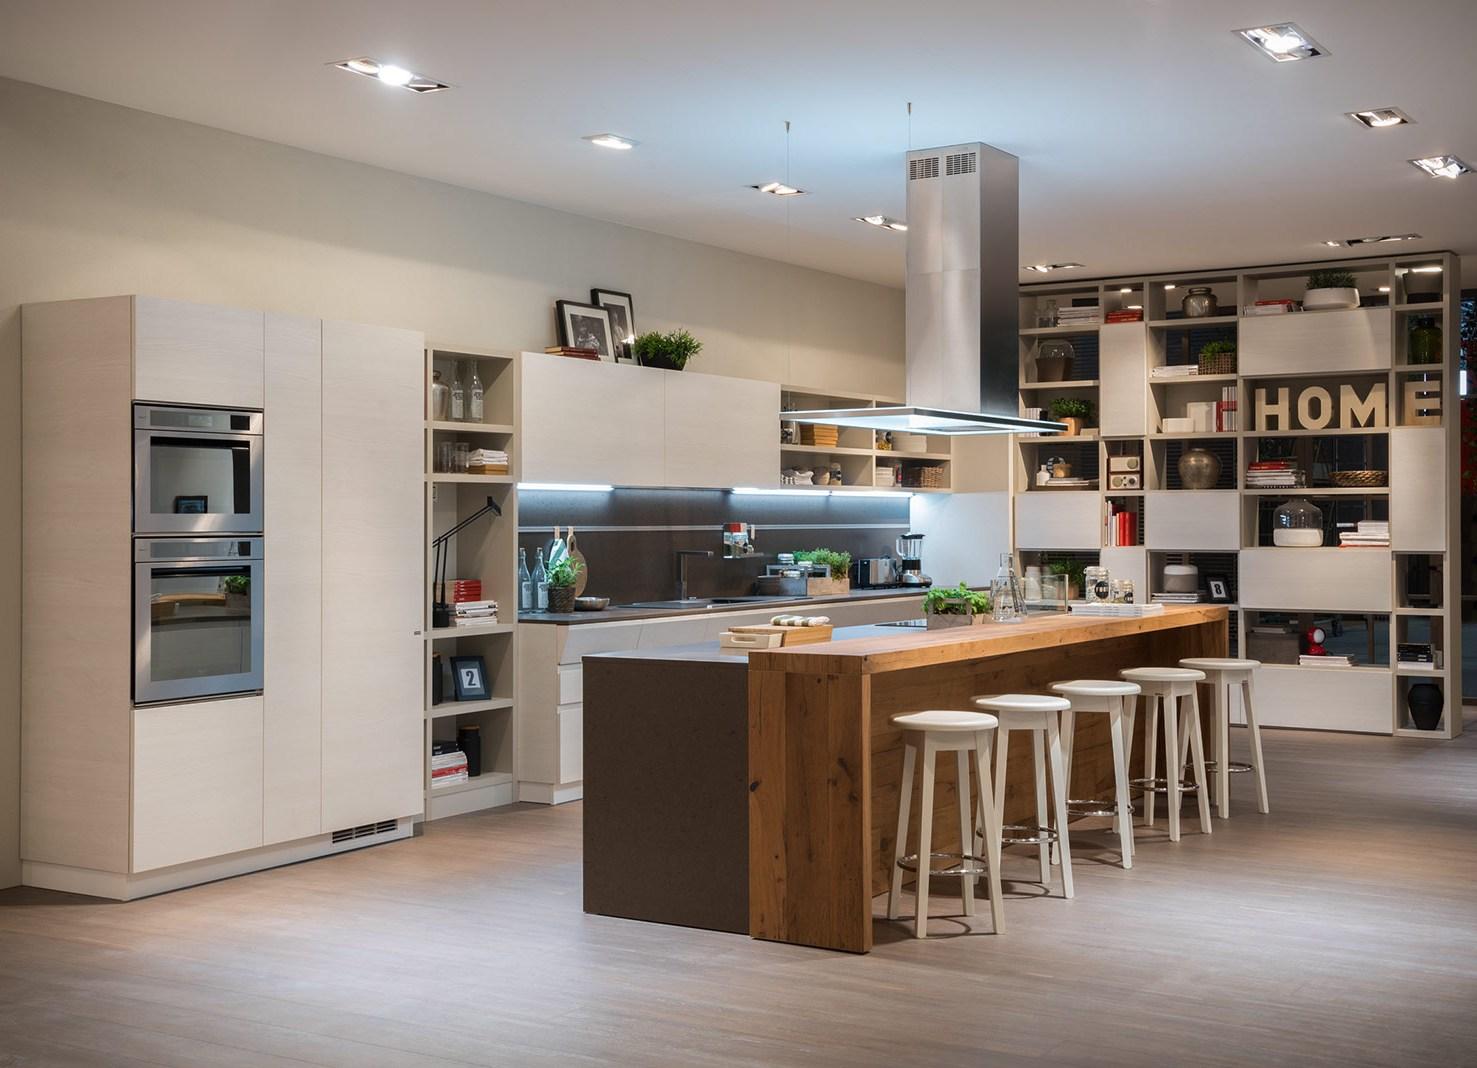 Ispirazioni di cucine soggiorni e altri ambienti interni for Casa moderna con tetto in legno